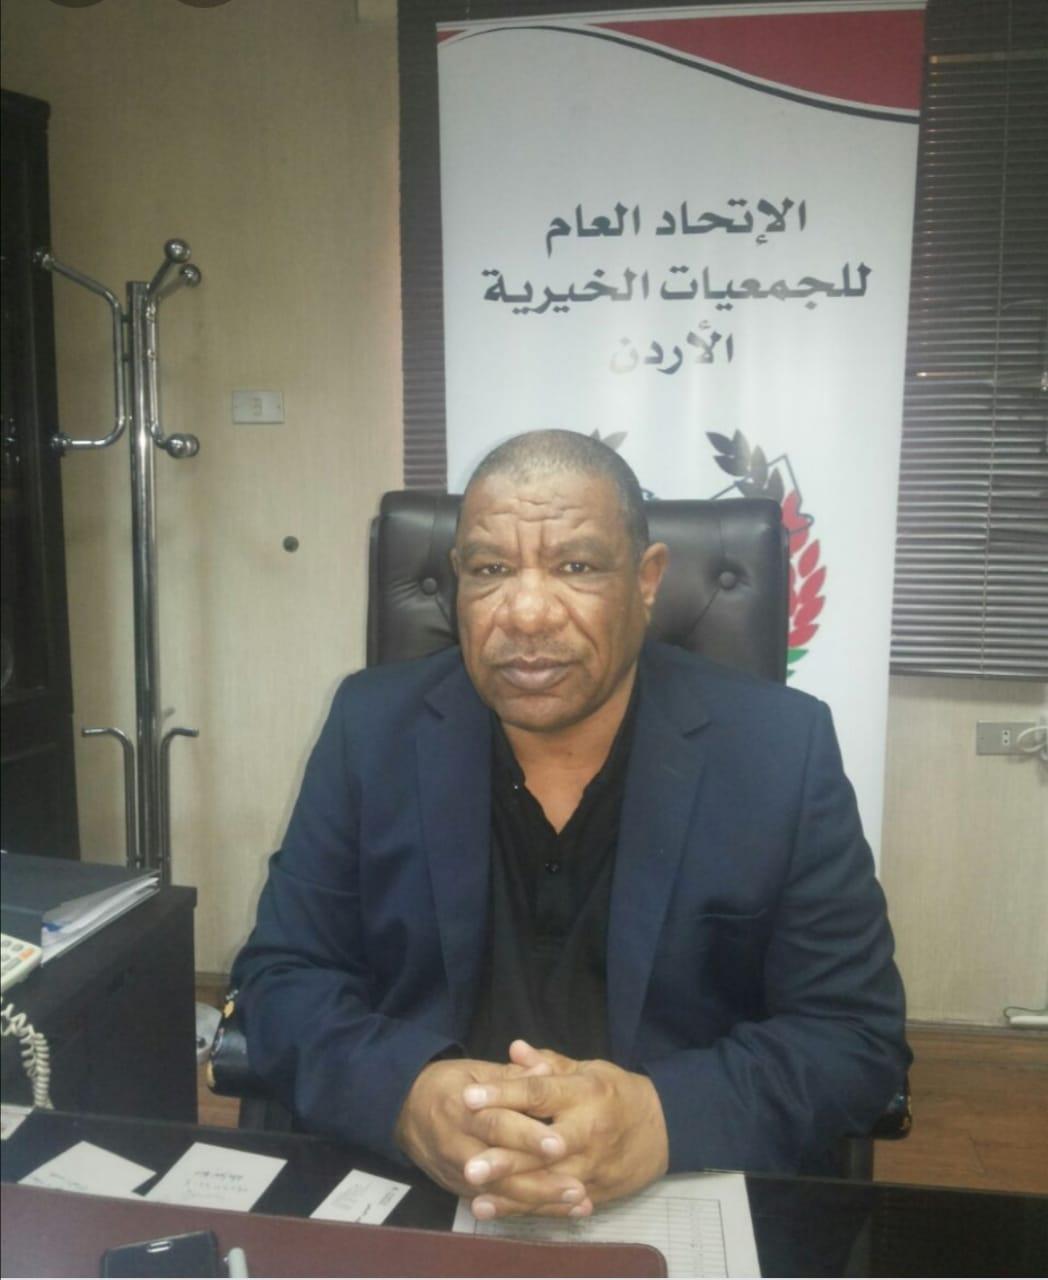 الخريشة : انتخابات الهيئة الادارية الشهر المقبل